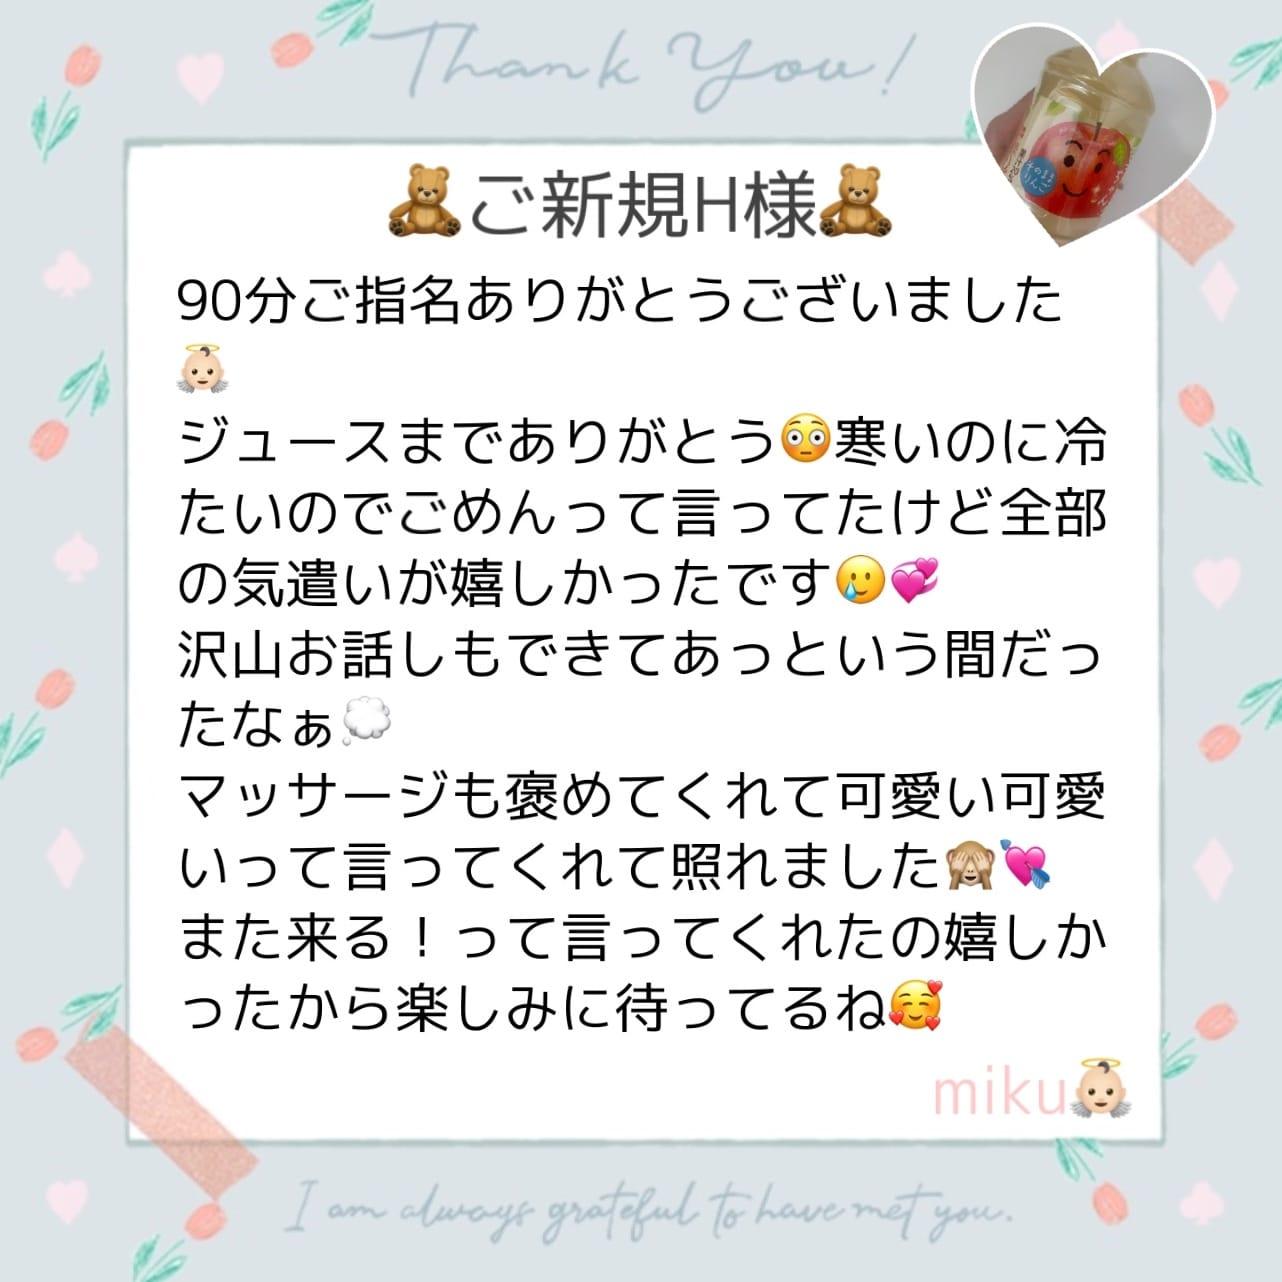 「ご新規H様❤︎」10/17(日) 23:08   みくの写メ日記